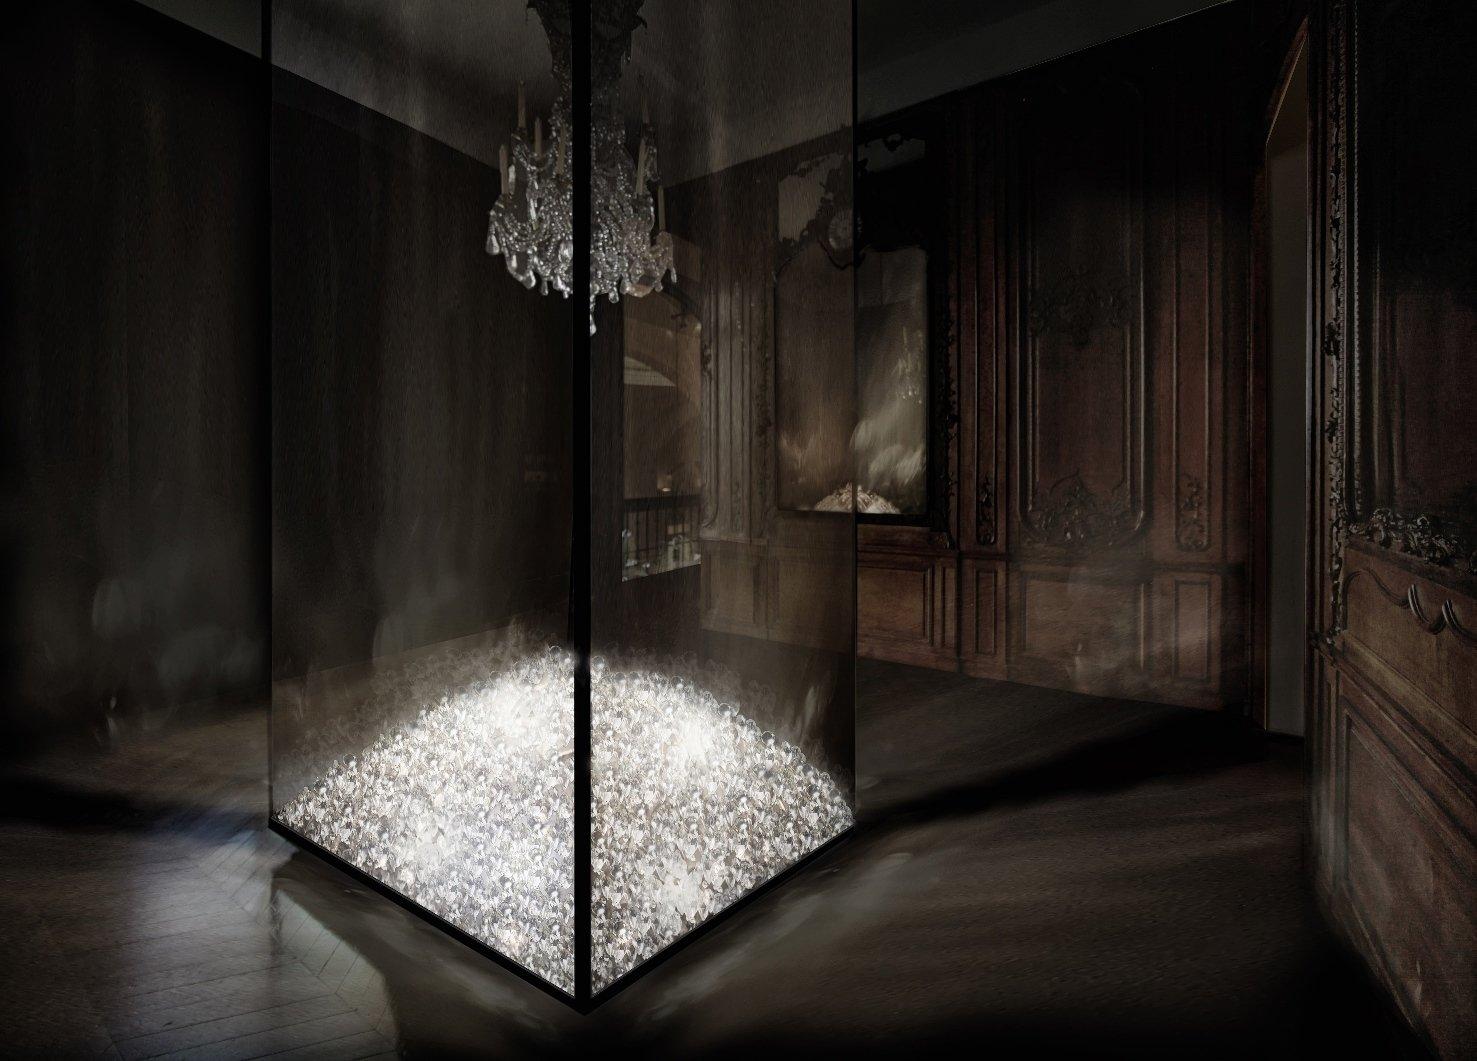 Photo 3 of 4 in Jean Nouvel & Artemide at the Musée des Arts Décoratifs in Paris